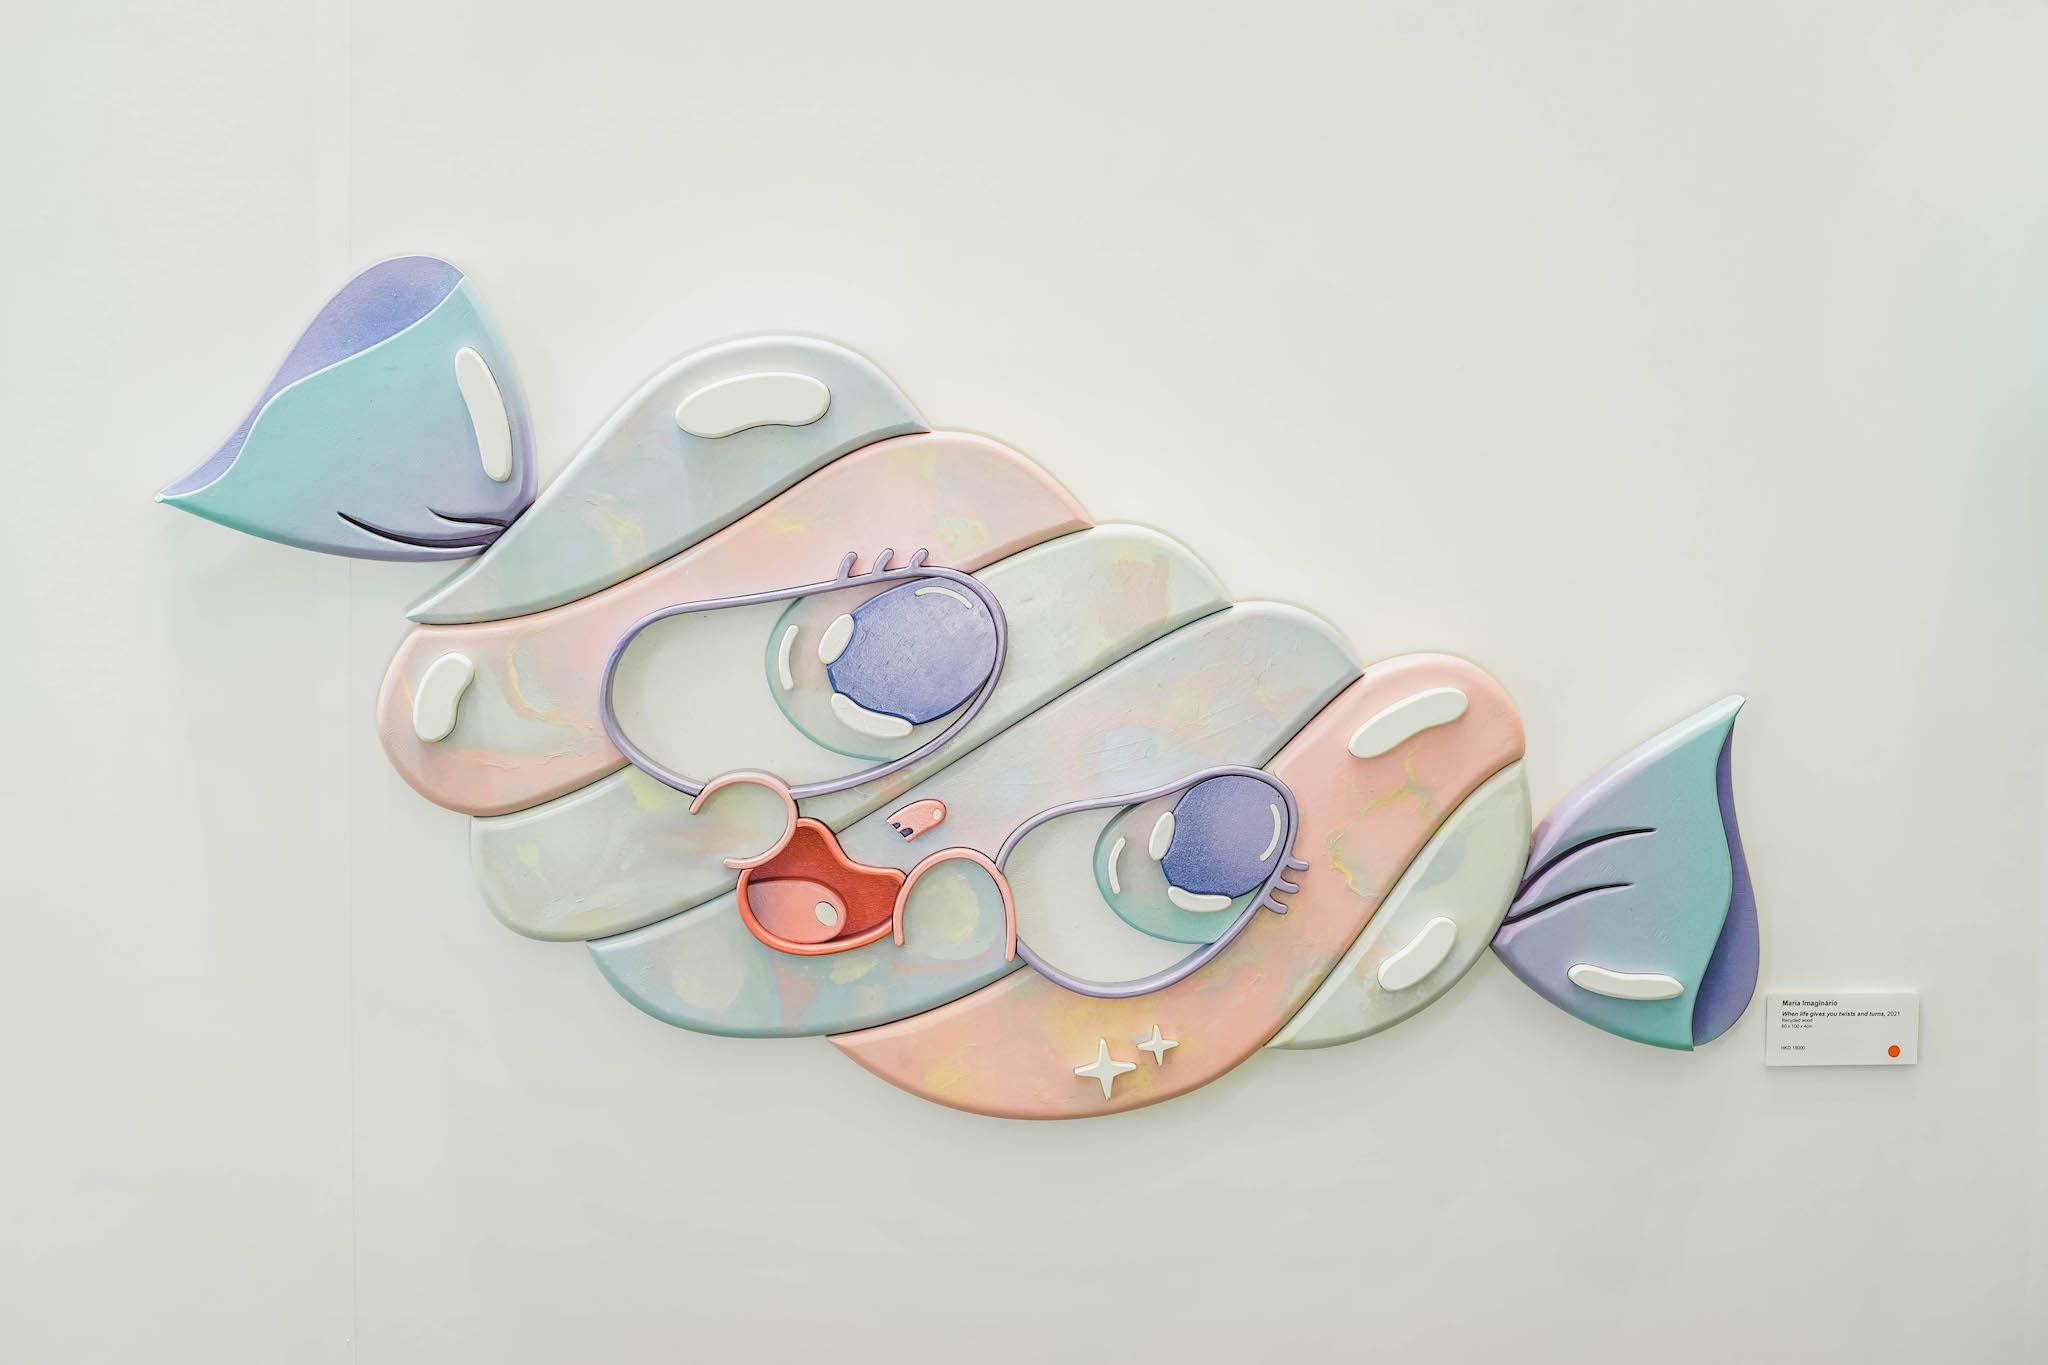 """Exposição coletiva """"Art Bodega"""" no K11 Art Mall, Hong Kong Artes & contextos DSC03653"""